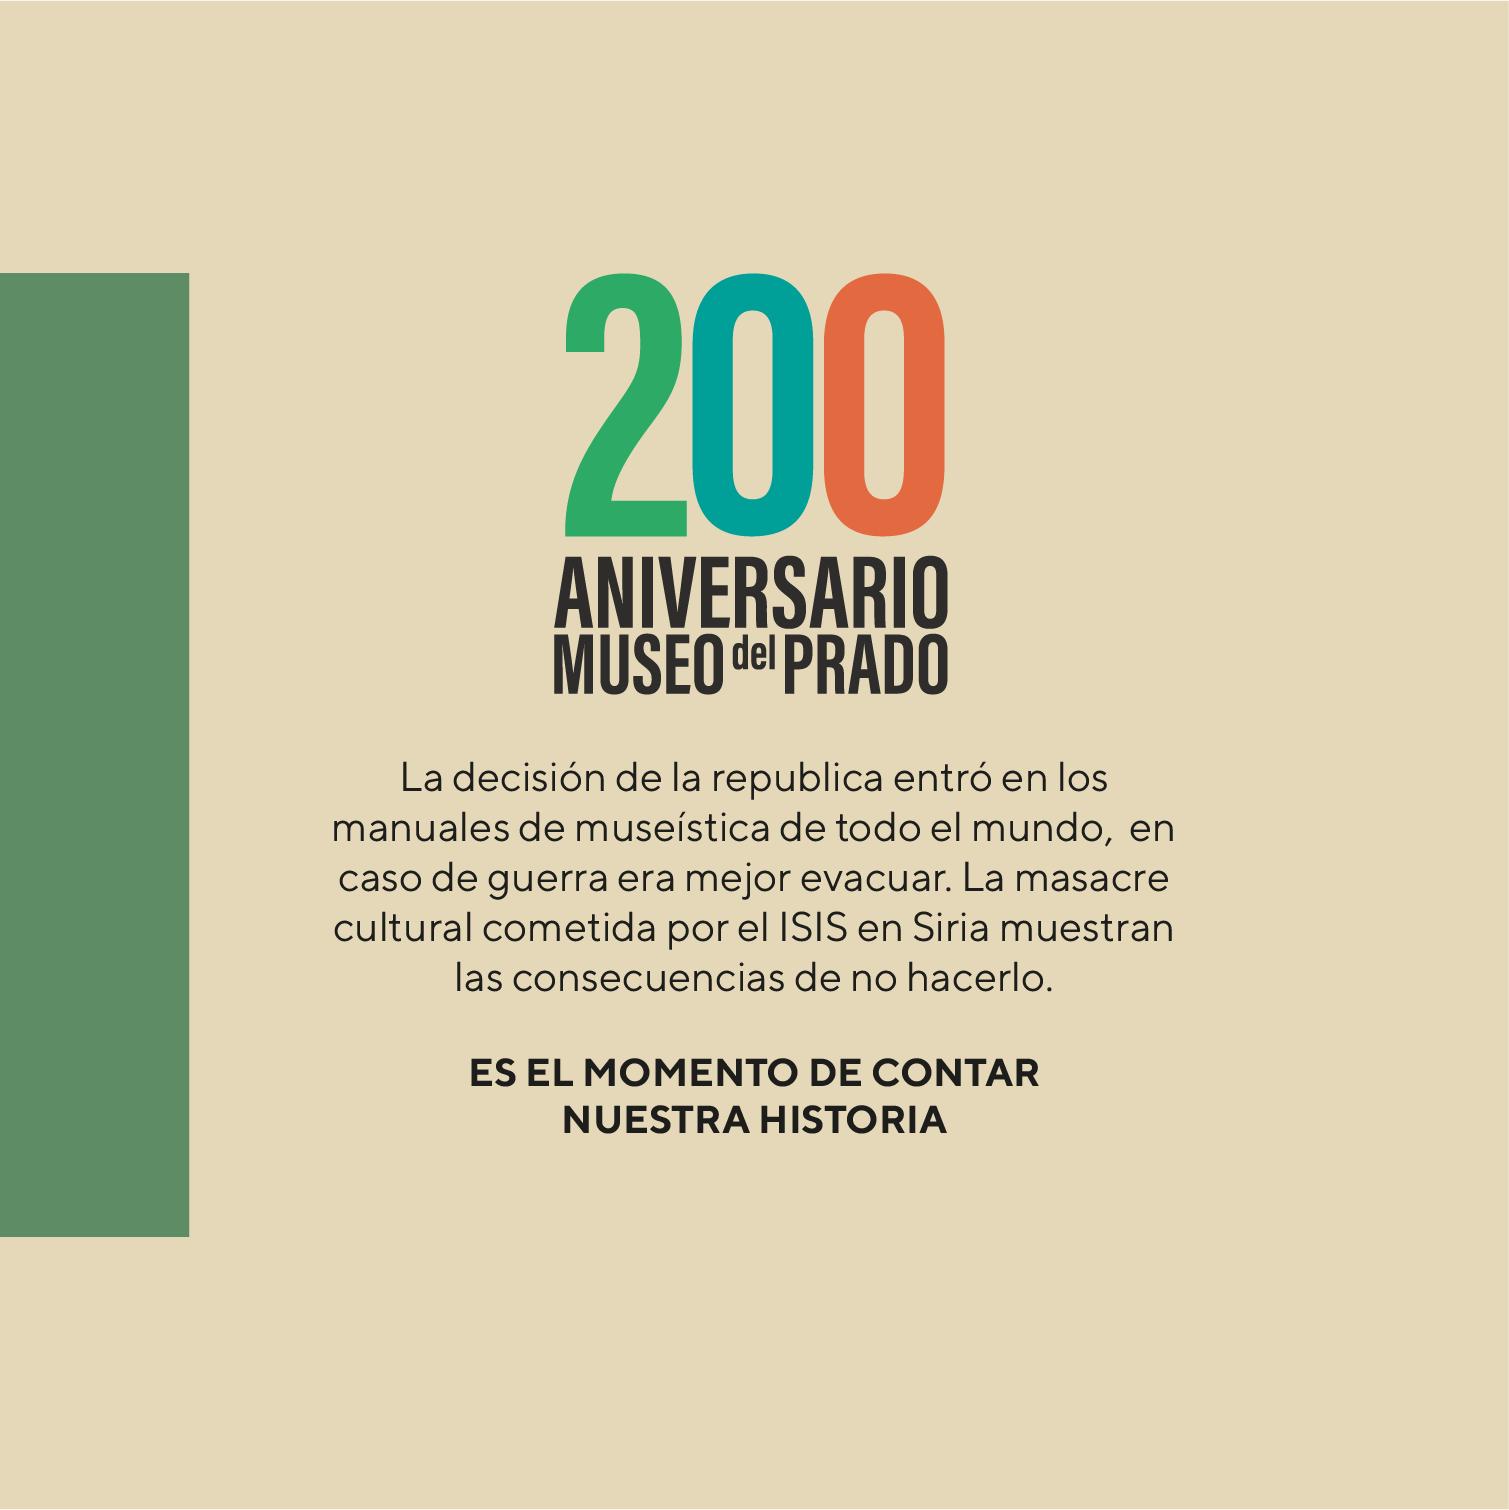 200 años MP - Instagram (8)